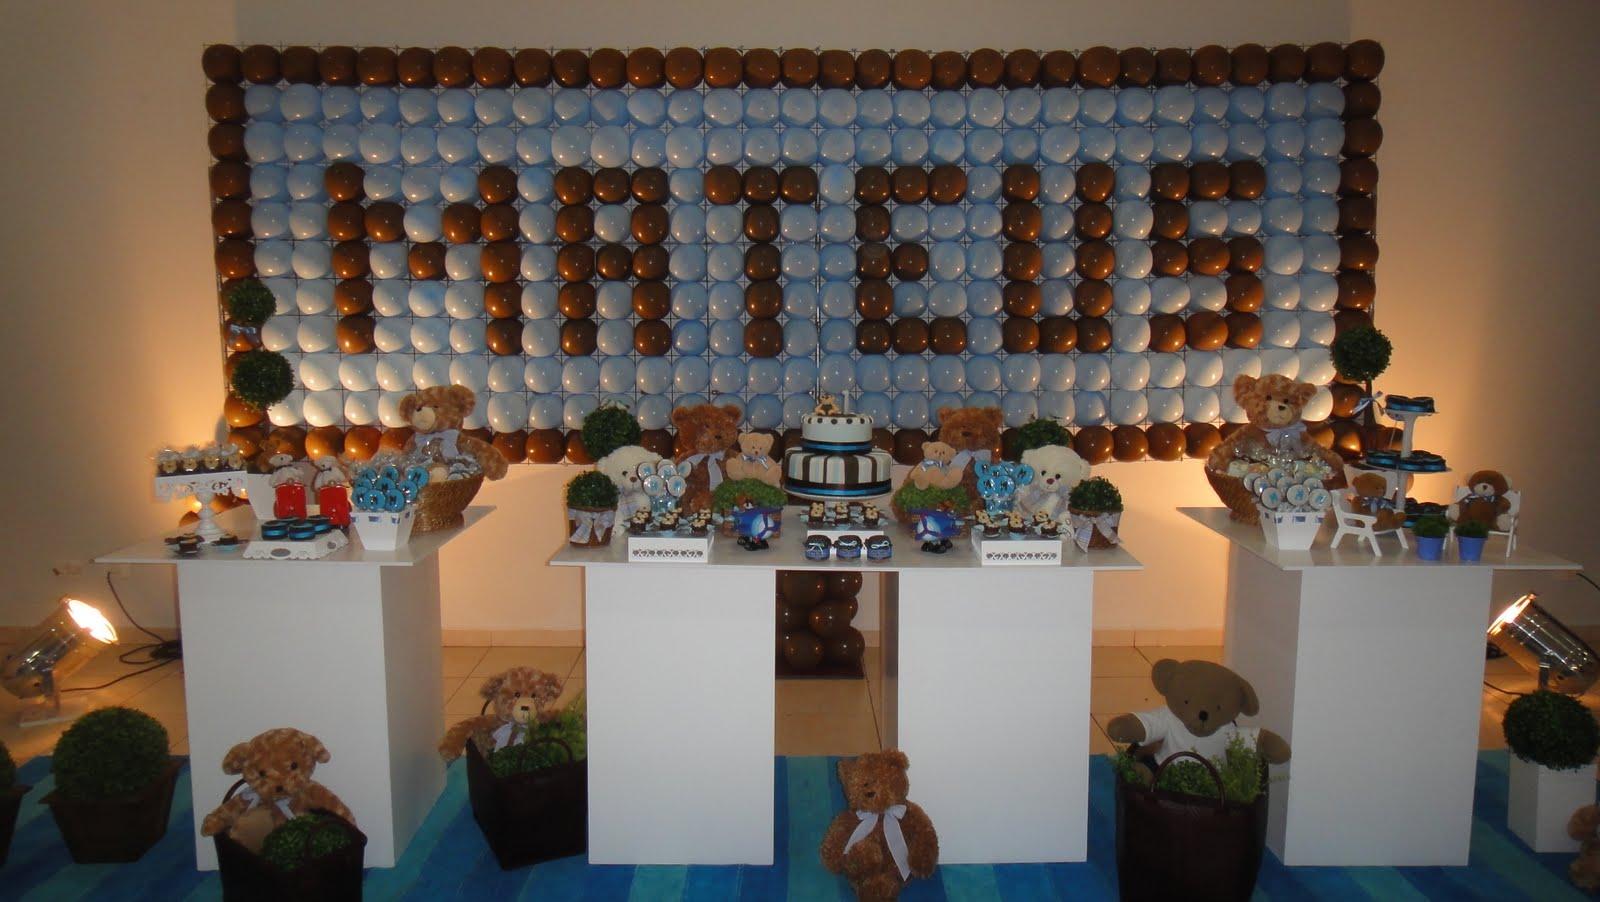 decoracao festa urso azul e marrom : decoracao festa urso azul e marrom: aí está uma nova festa de urso azul e marrom, ficou tudo mto lindo